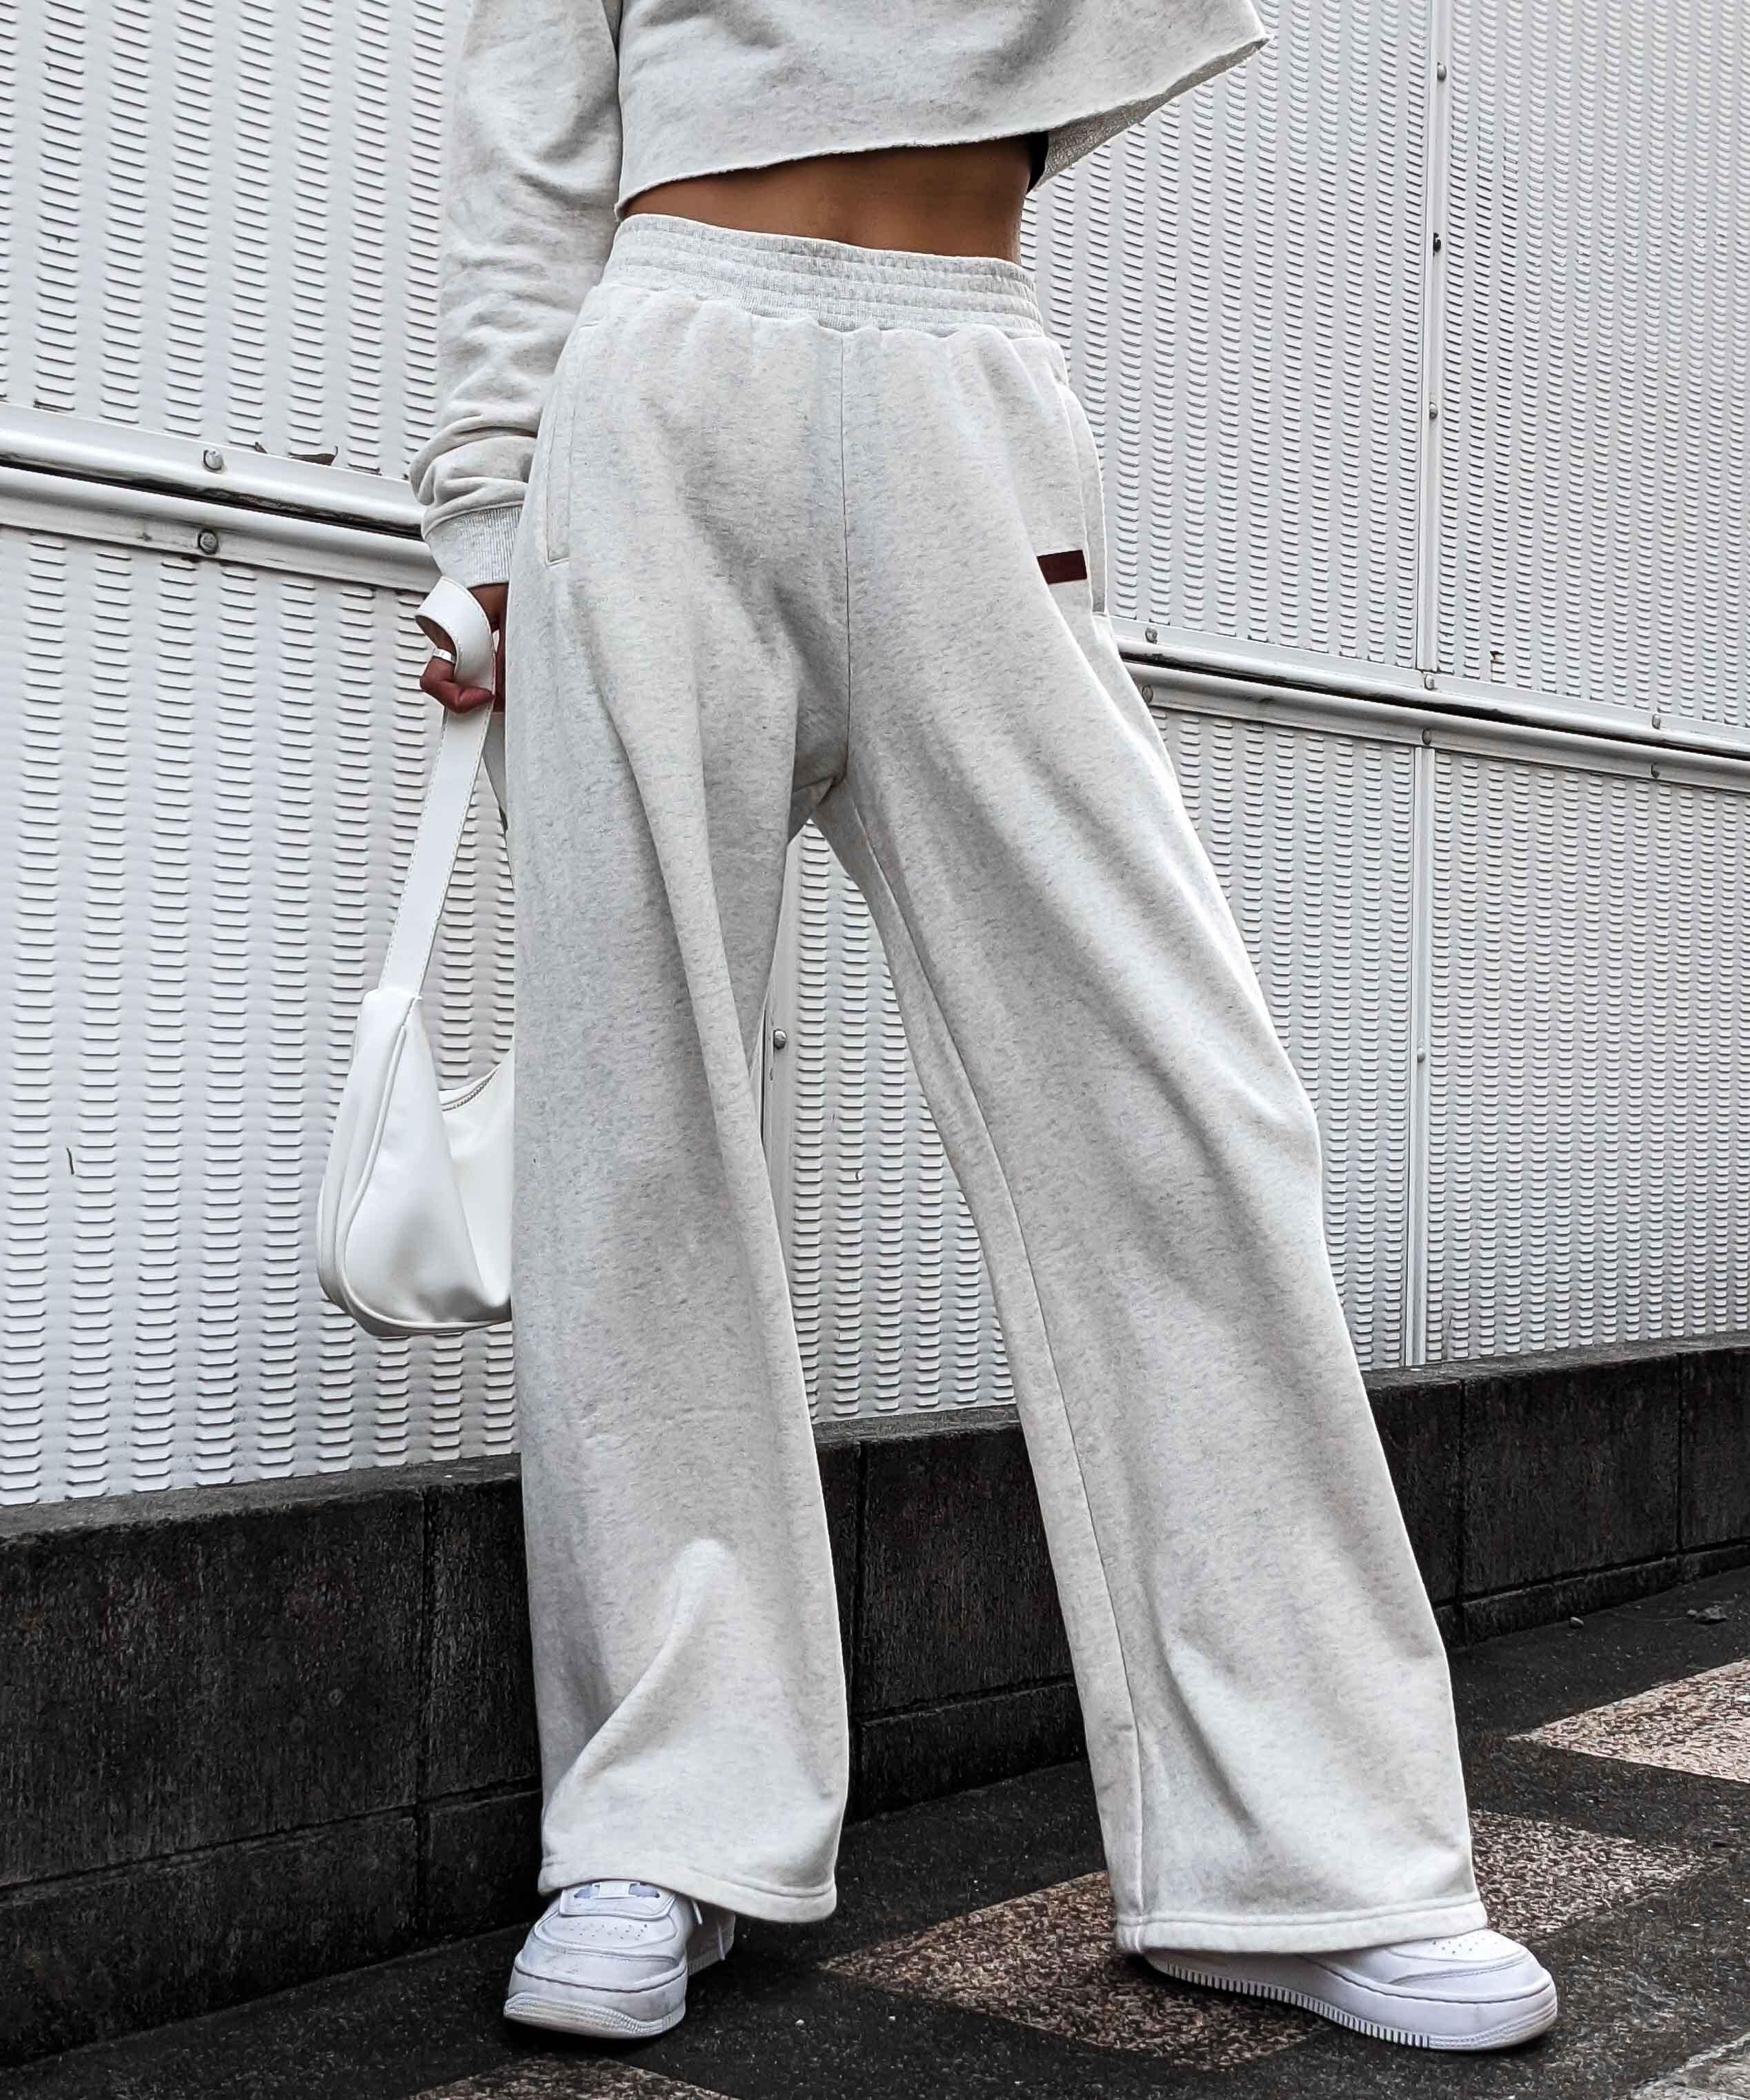 Relaxy wide sweat pants